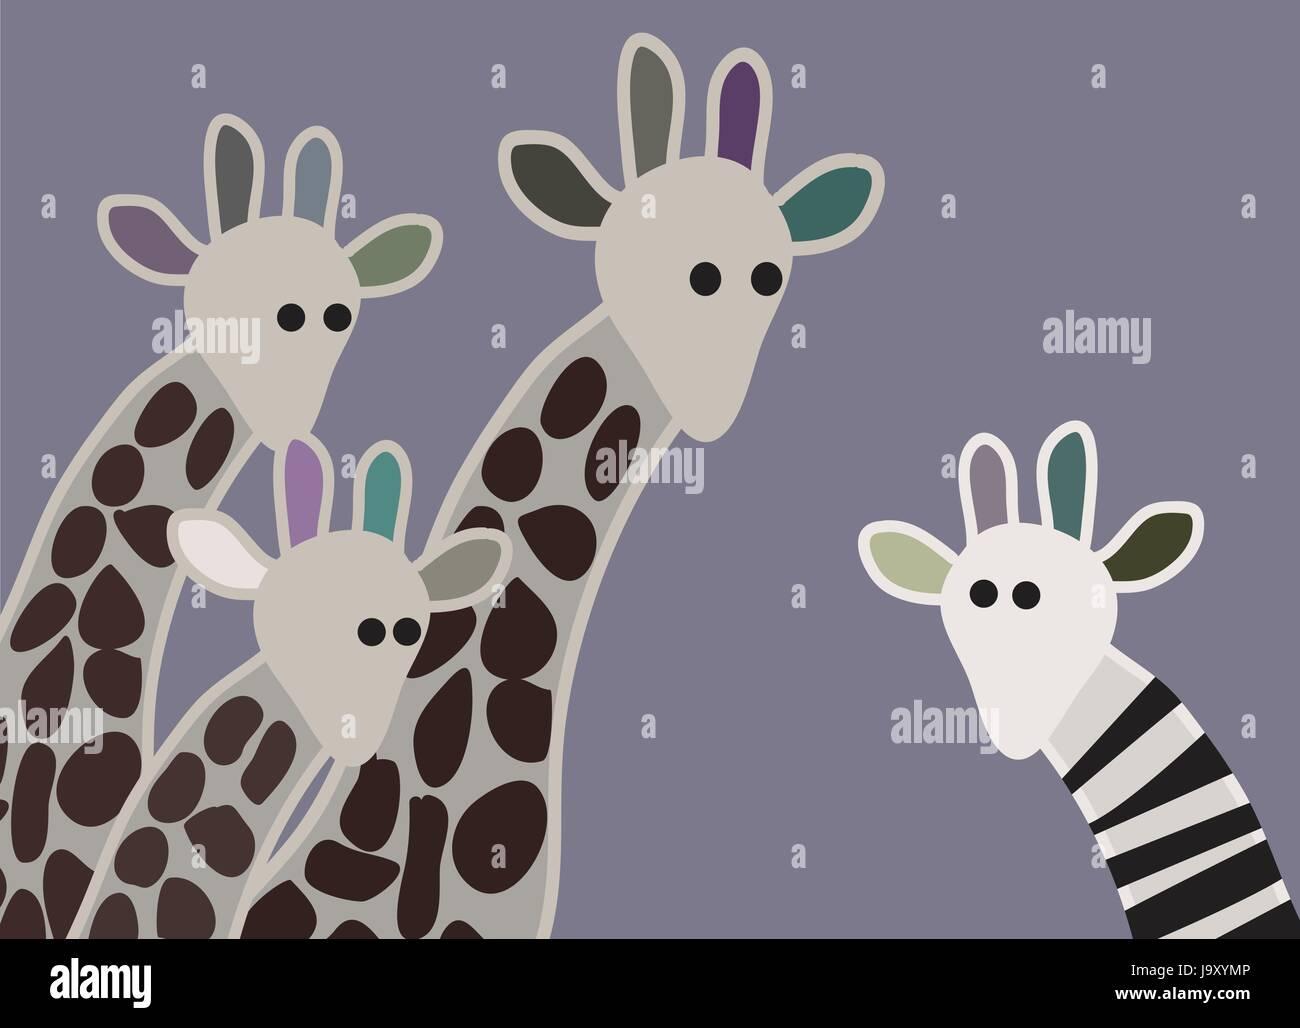 Giraffen-Familie sucht überrascht mit Giraffe in verschiedenen Kennzeichnung Stock Vektor